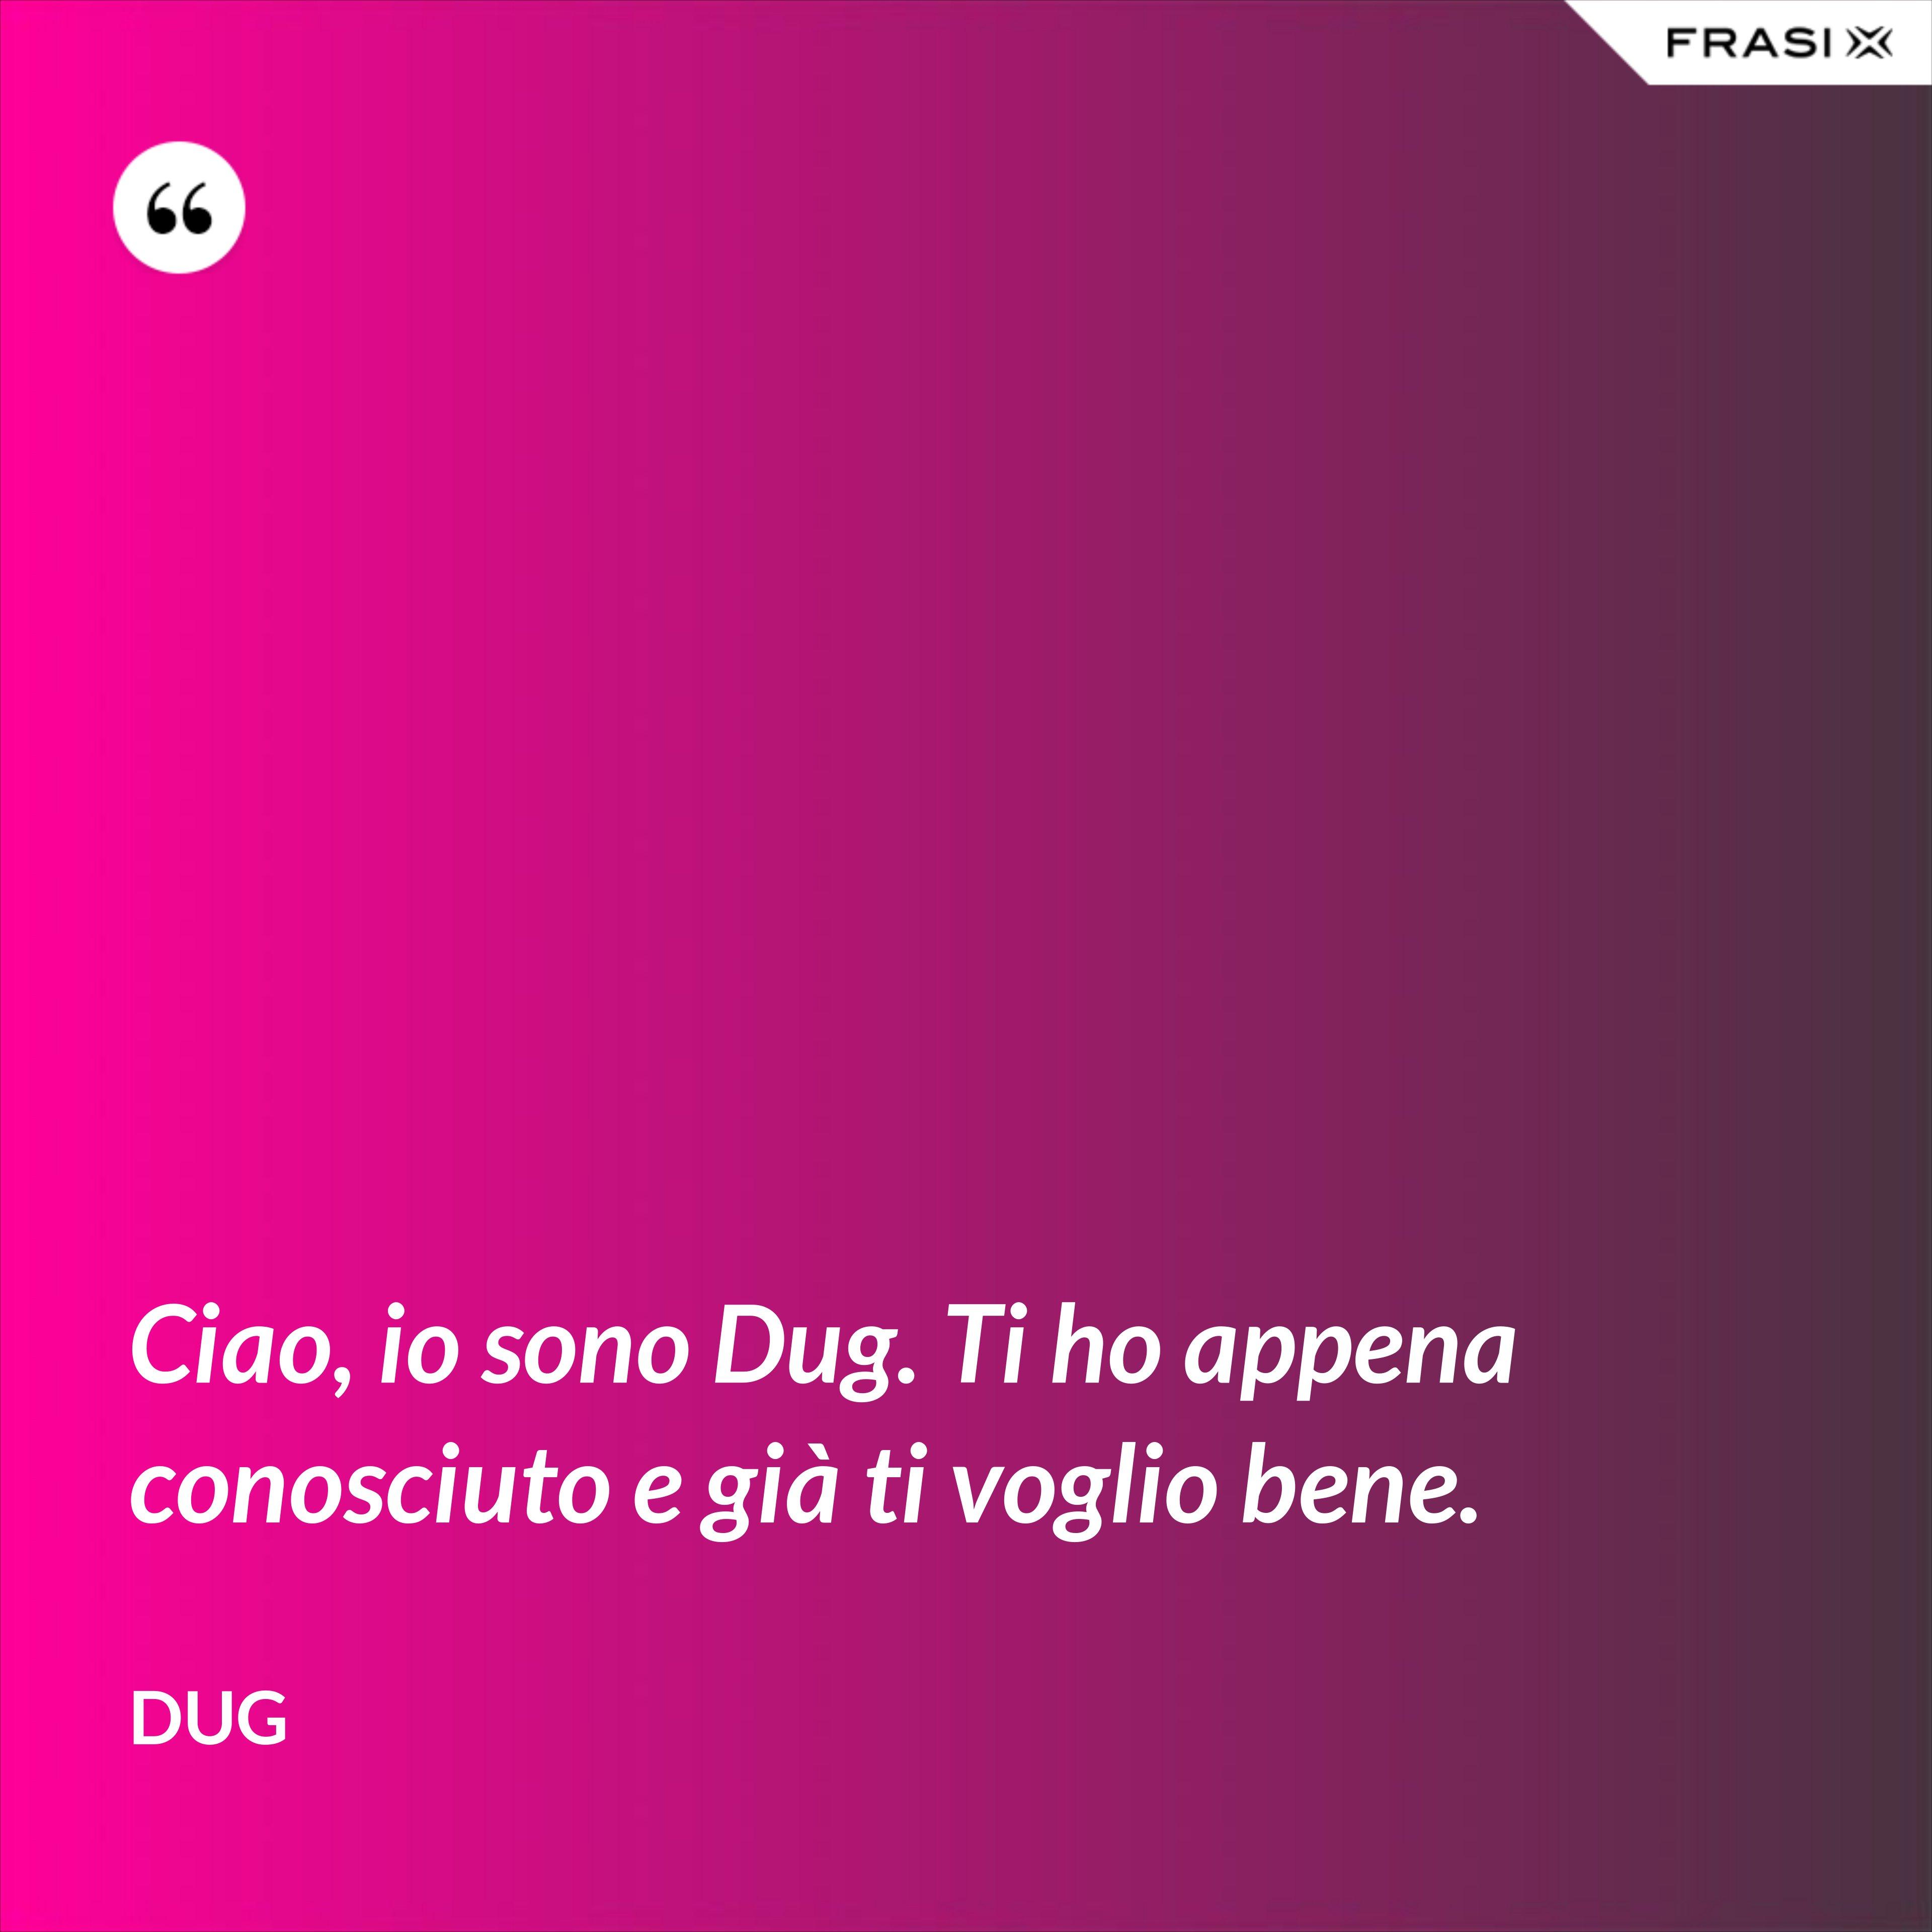 Ciao, io sono Dug. Ti ho appena conosciuto e già ti voglio bene. - Dug